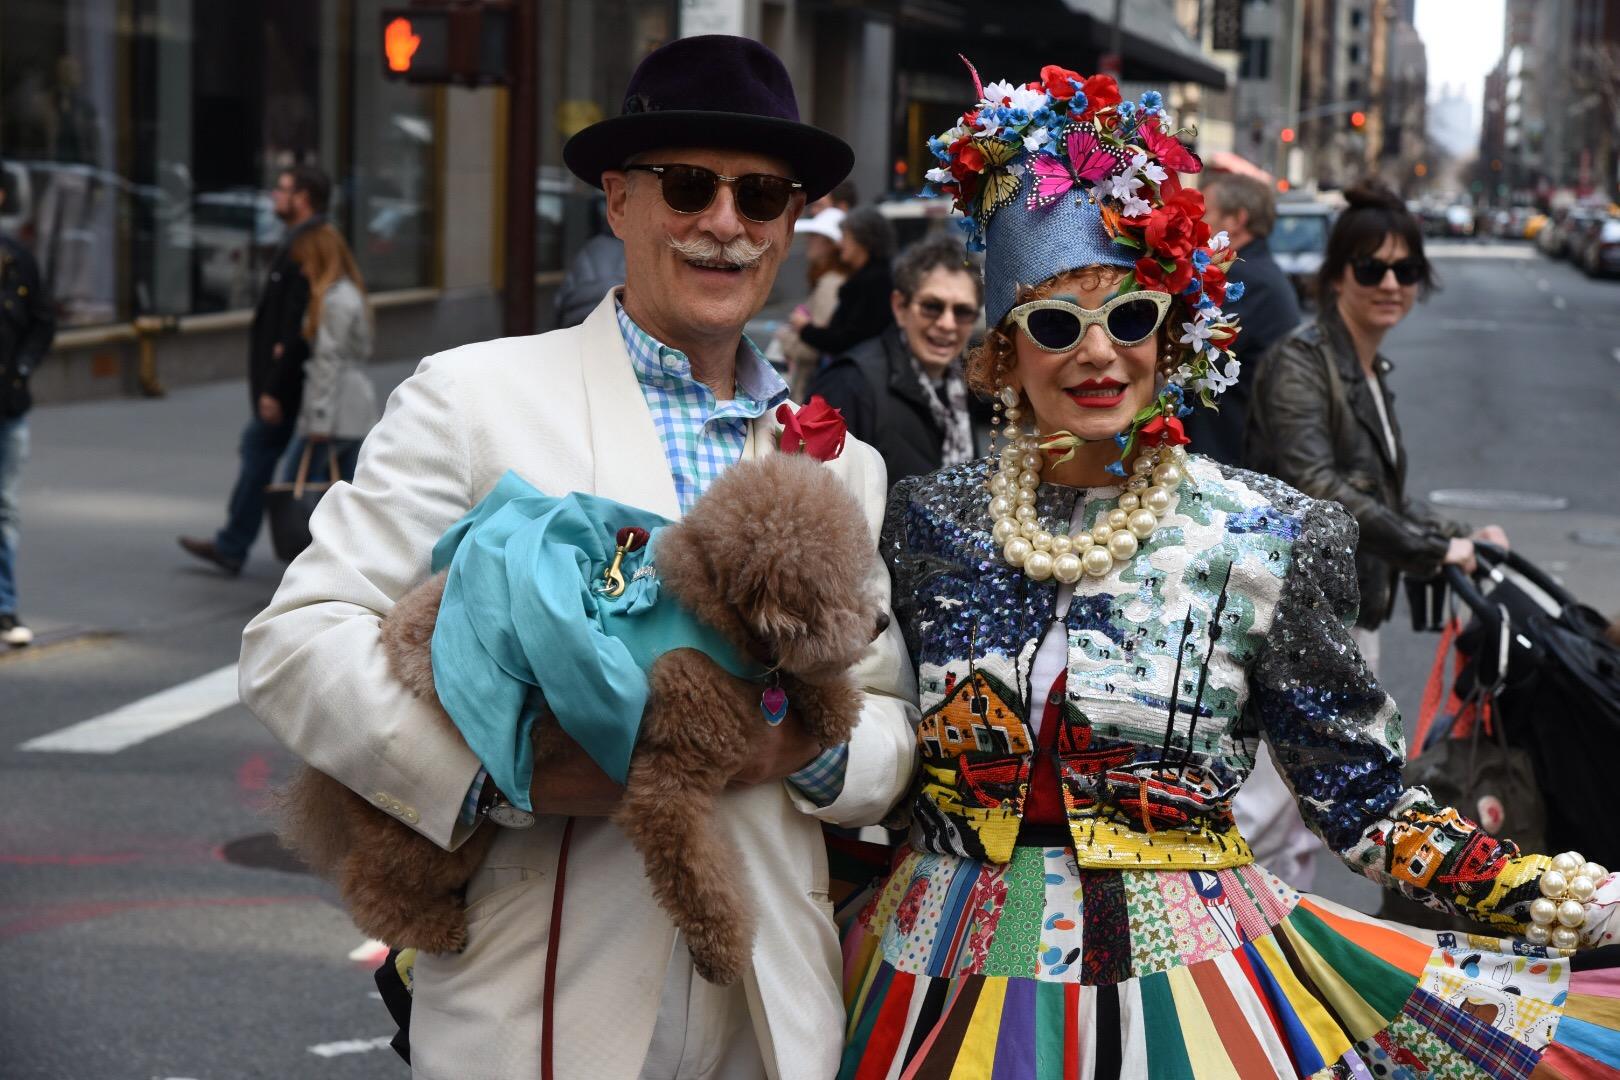 schrill-aber-nicht-zwingend-sterlich-dieses-outfit-eignet-sich-fr-jede-parade